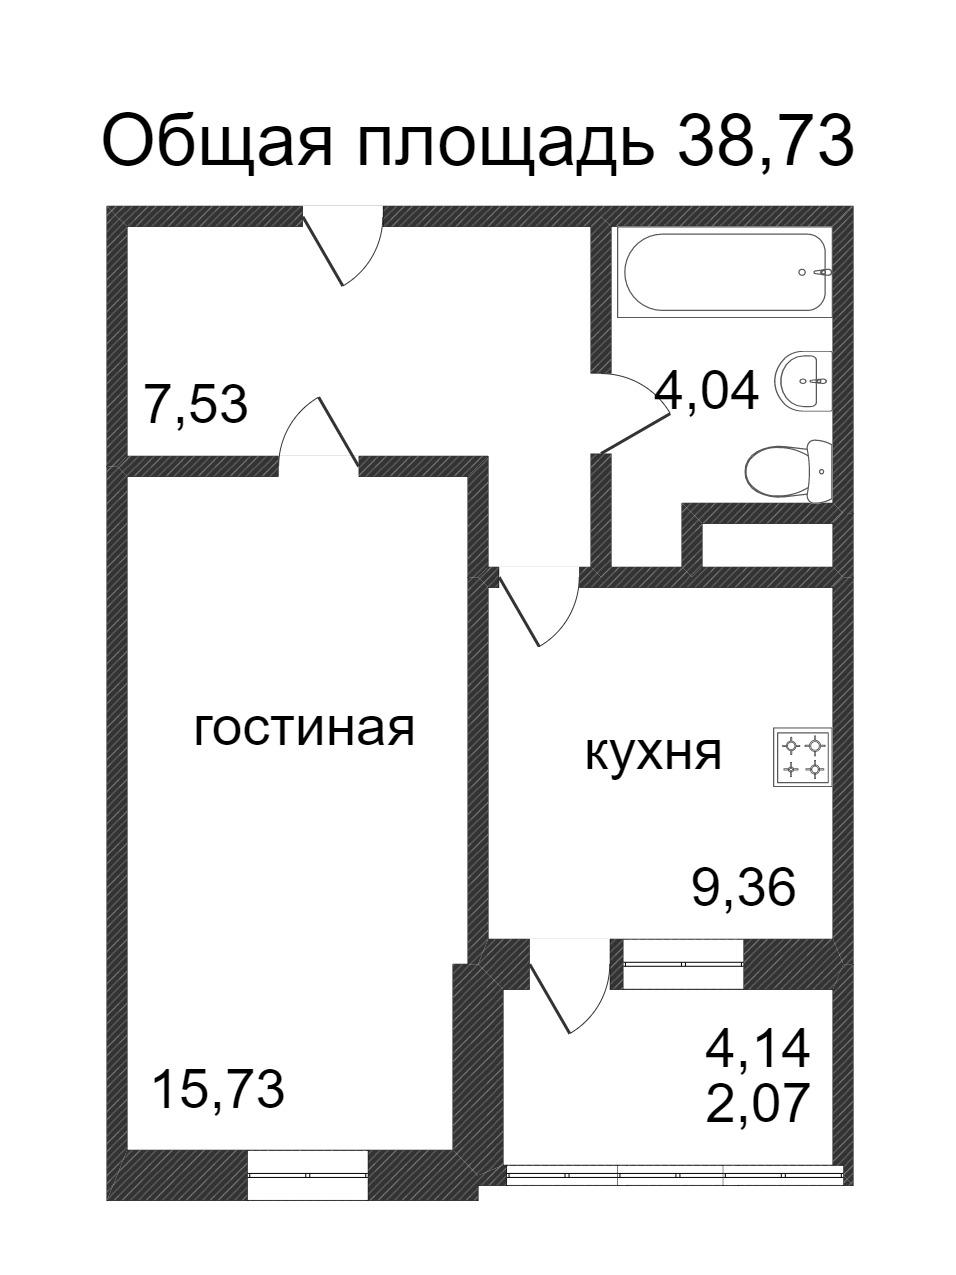 Объявление. г. Сургут, 1-комн.кв. 38.73кв.м, Ивана Захарова. Фото 3